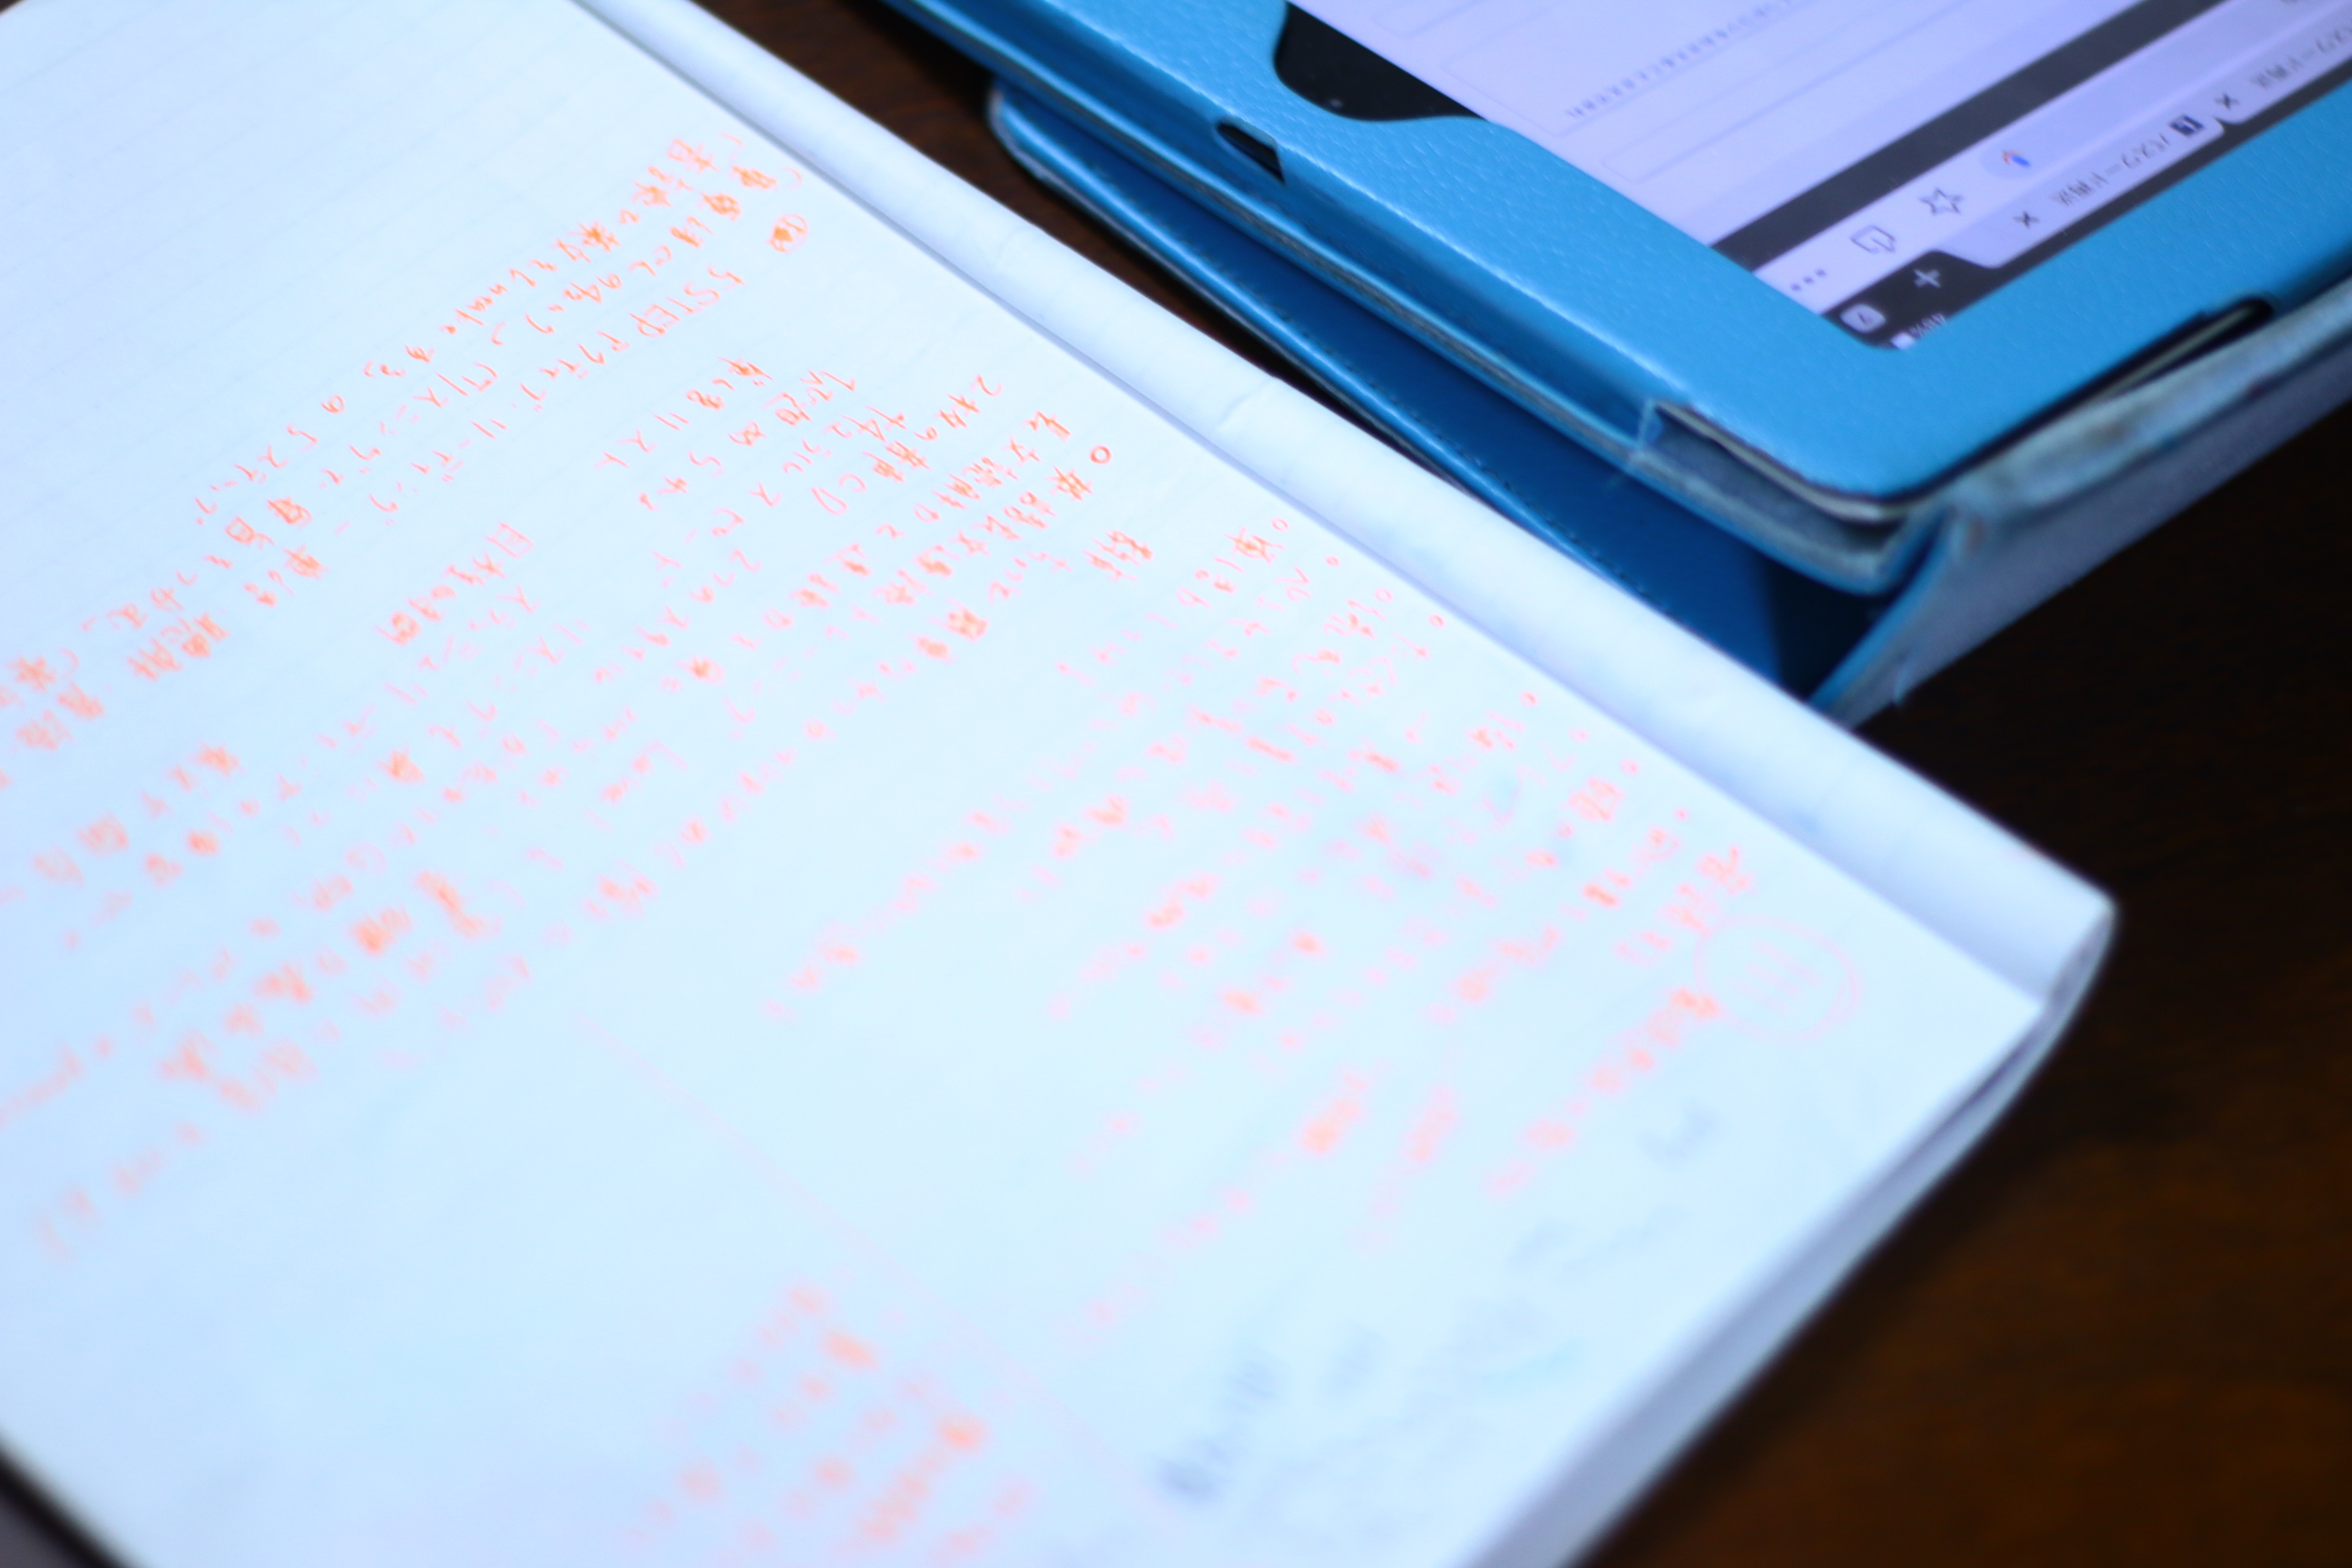 ノートに文字がたくさん書かれている写真